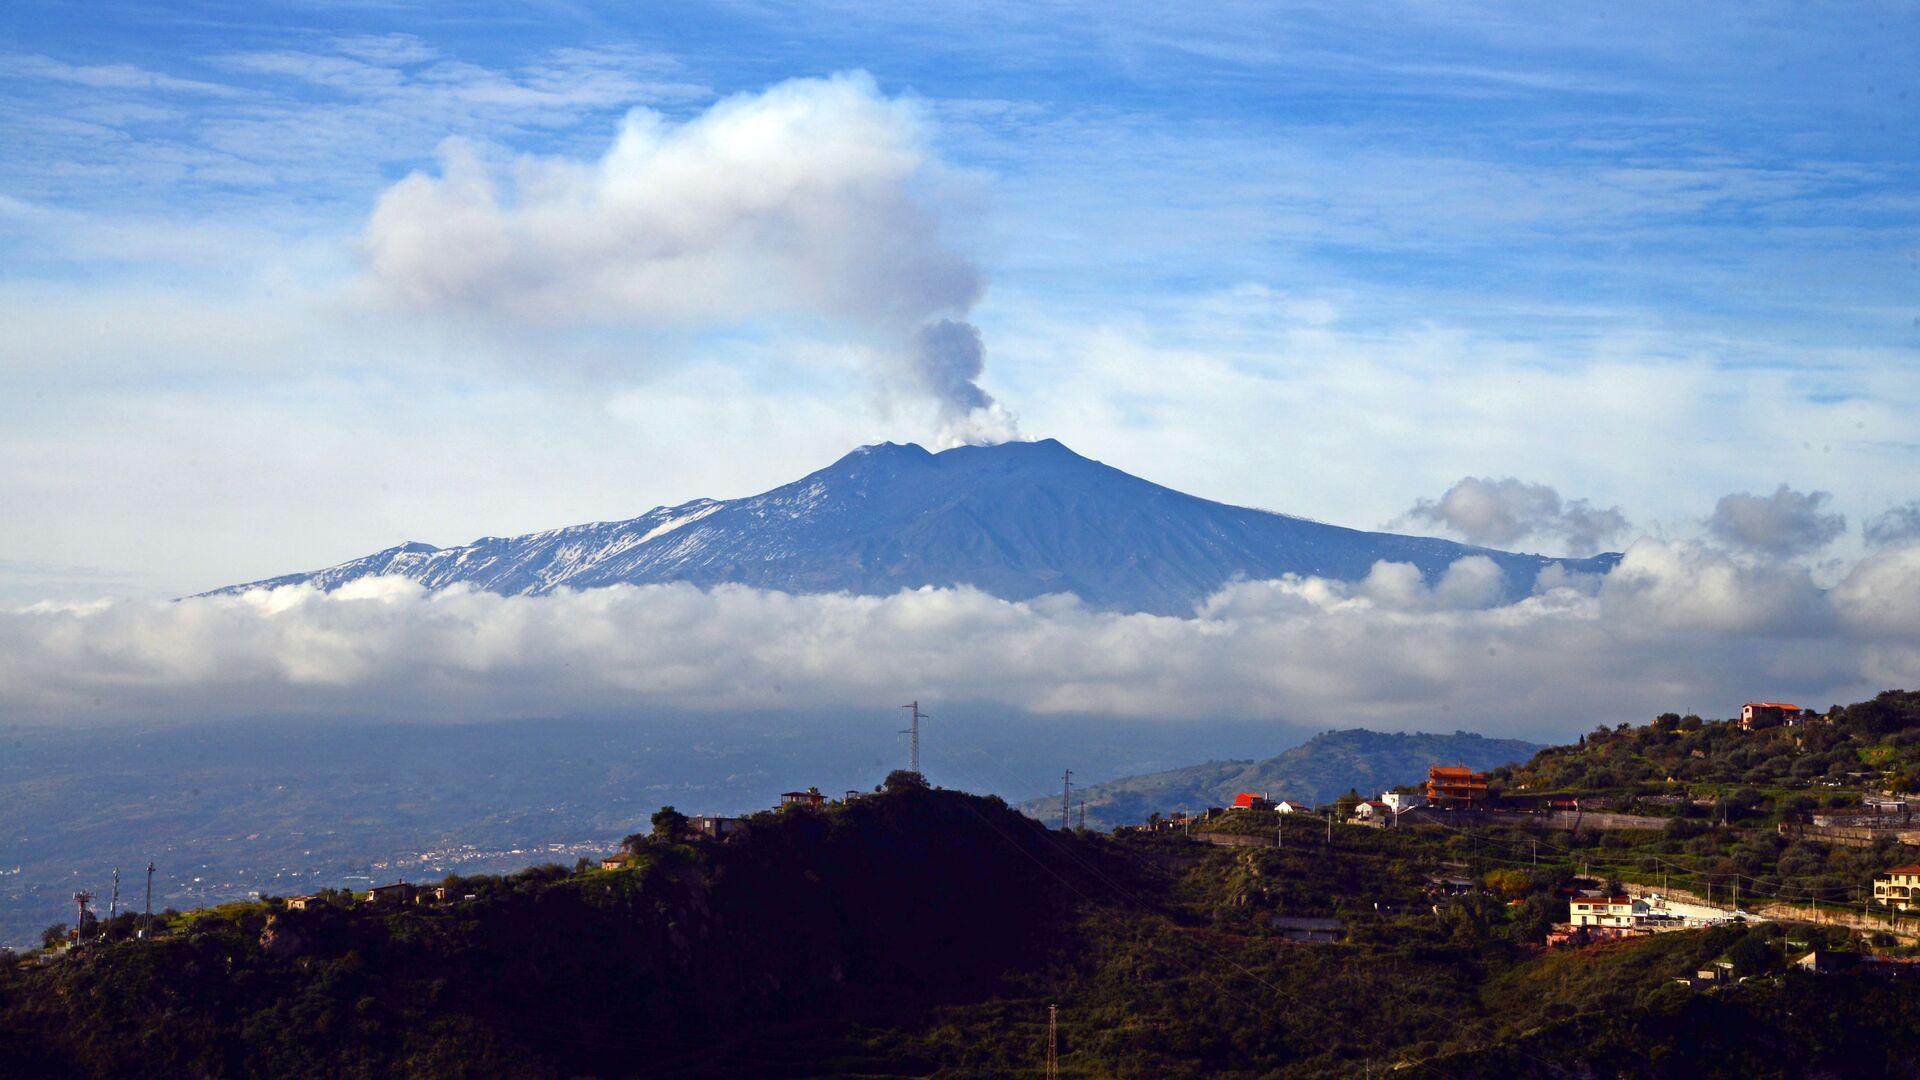 L'eruzione dell'Etna in Sicilia - Sputnik Italia, 1920, 12.06.2021